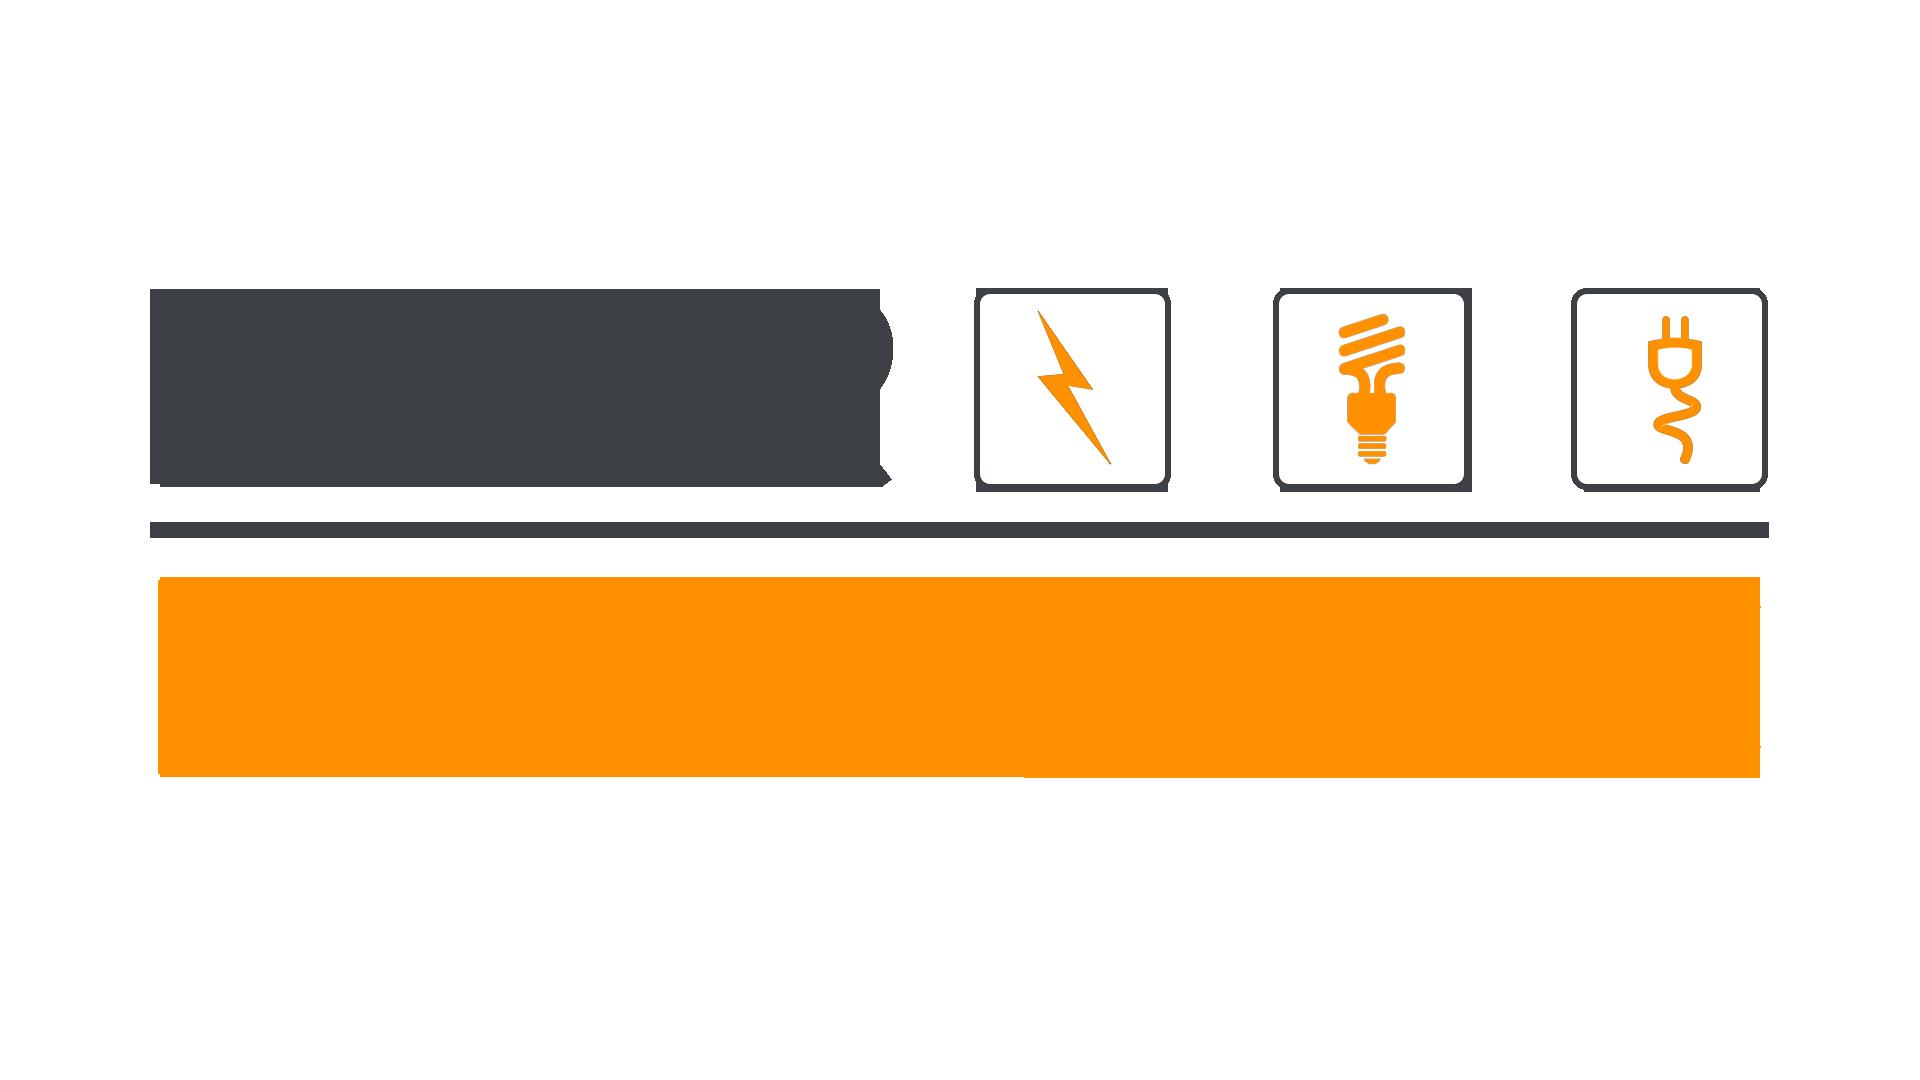 durrelectric.com